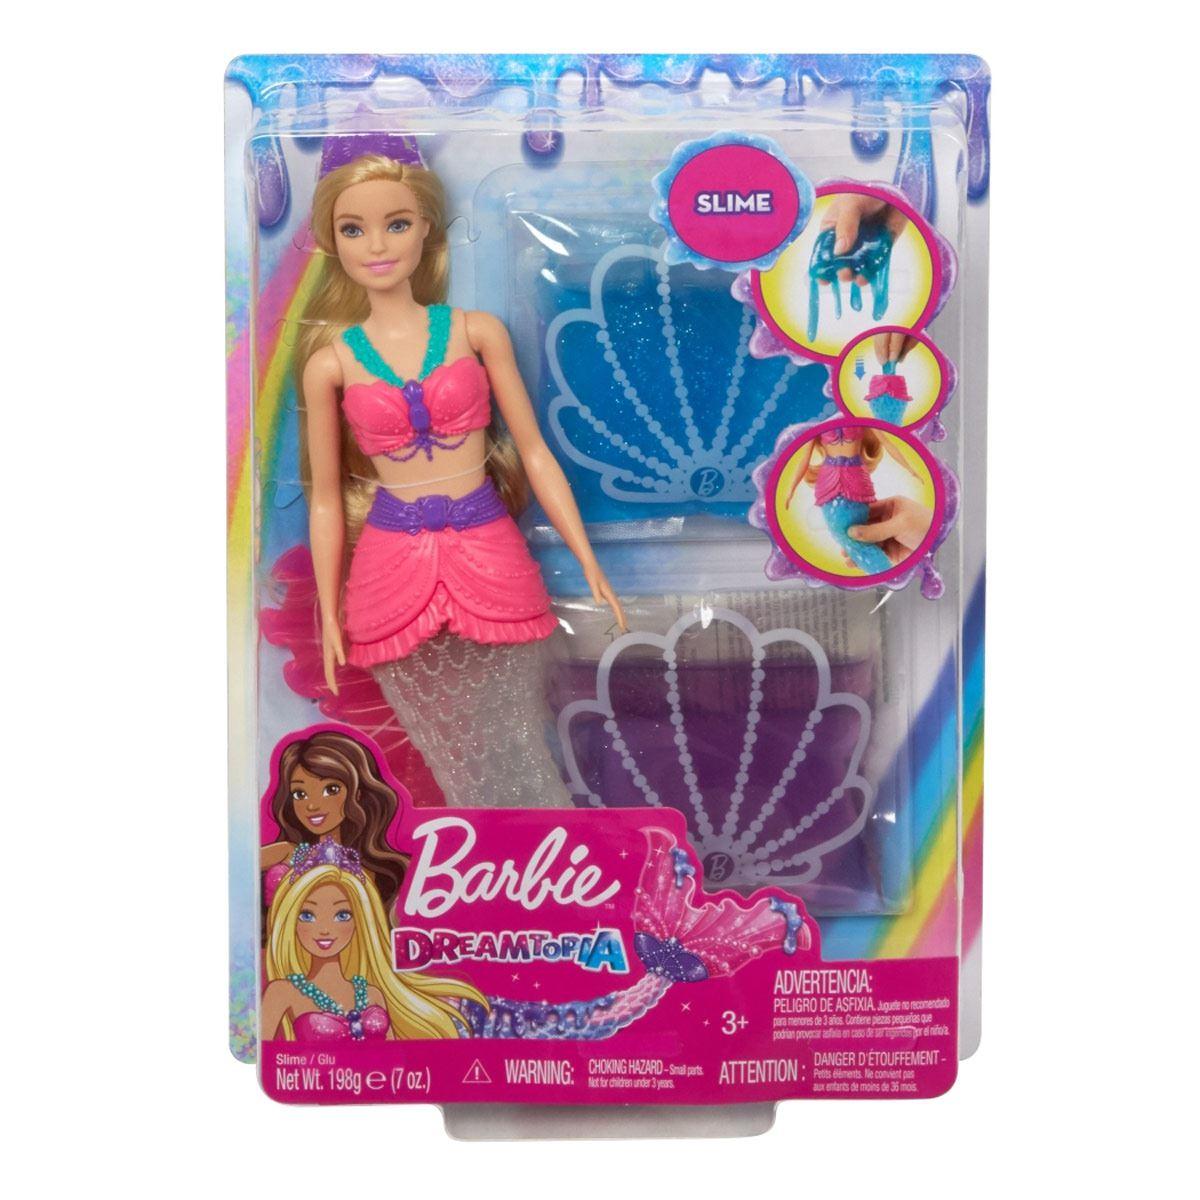 Muñeca Barbie Sirena con Slime Dreamtopia